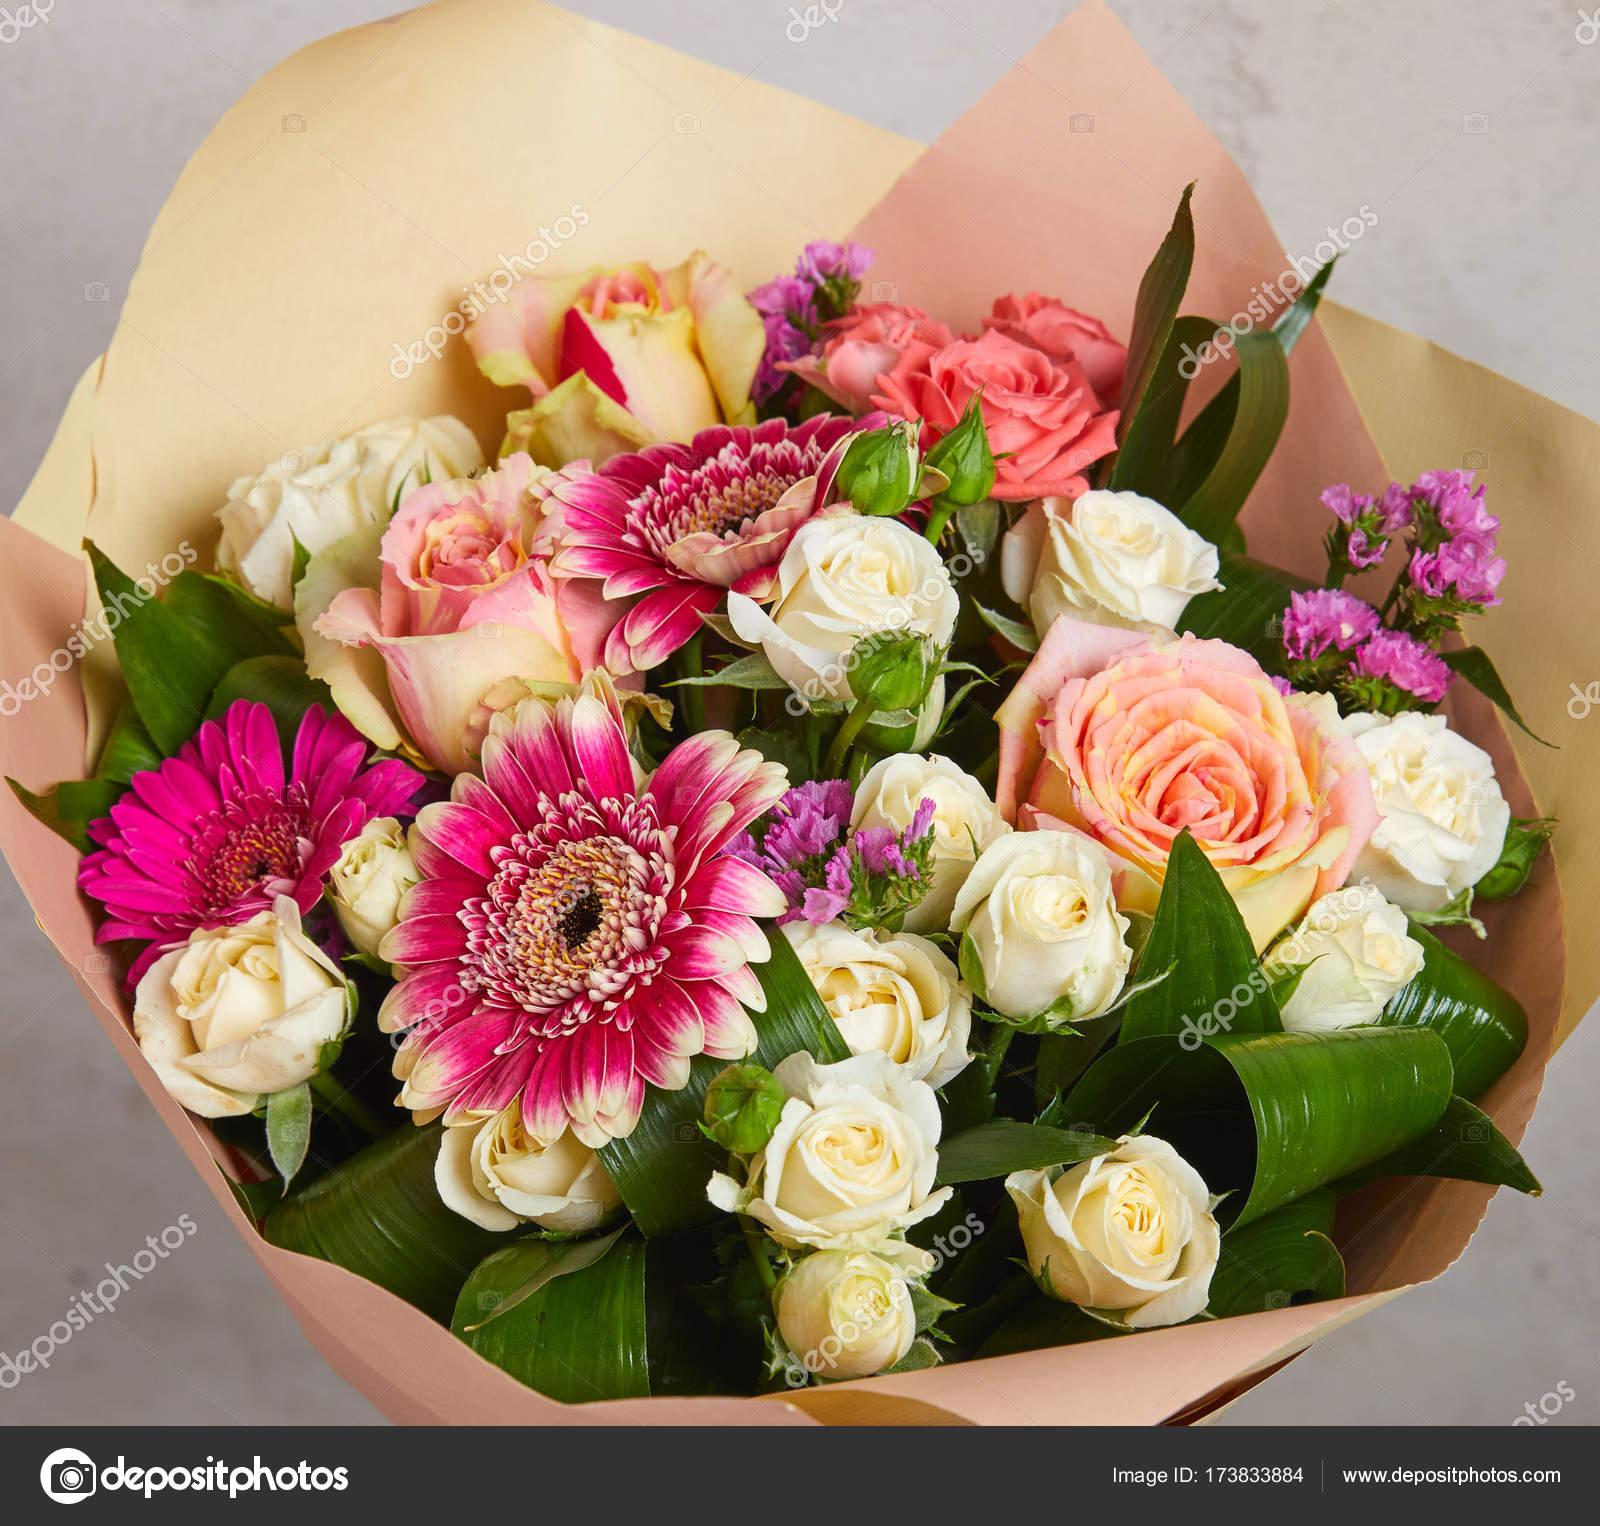 Beau bouquet de mariage de fleurs sur la table — Photographie strelok © #173833884